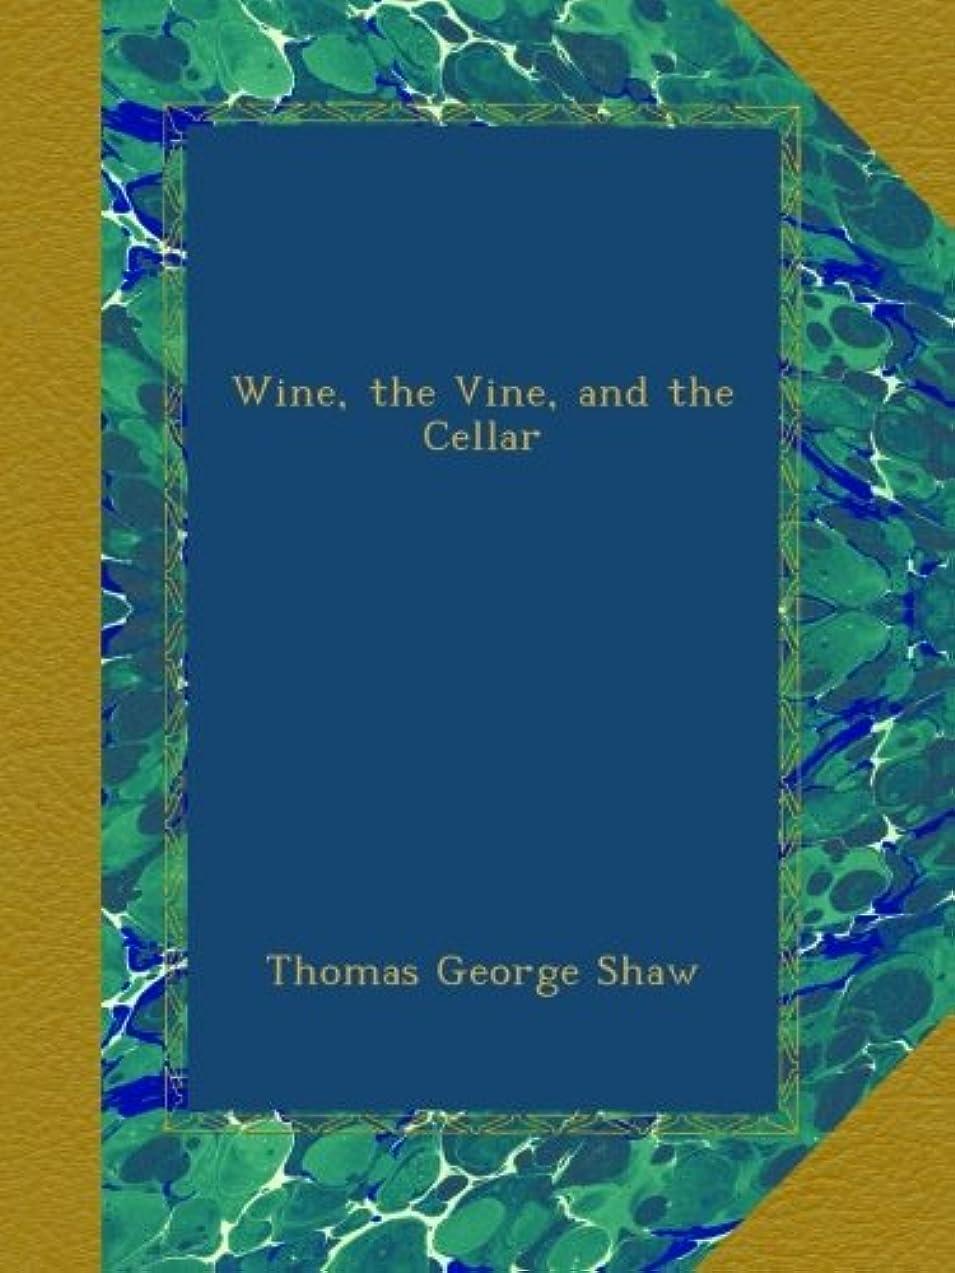 ハイランド民主主義エンジニアリングWine, the Vine, and the Cellar